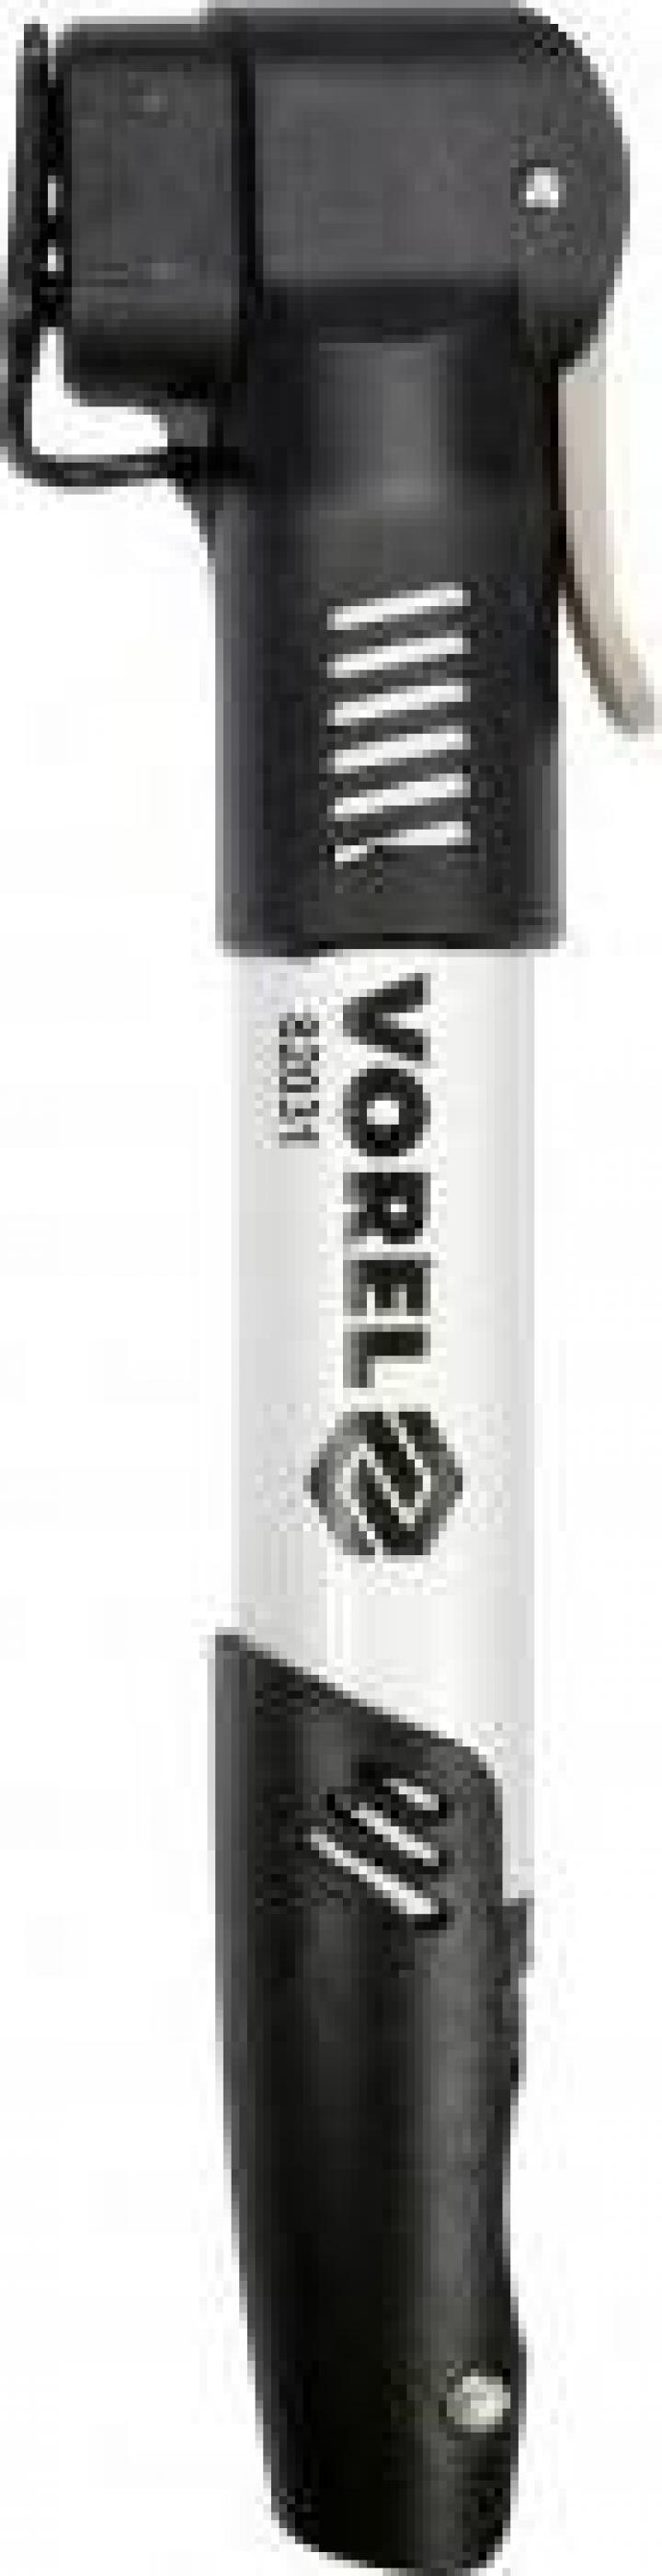 Pompa telescopica pentru biciclete Vorel 82031, Aluminiu